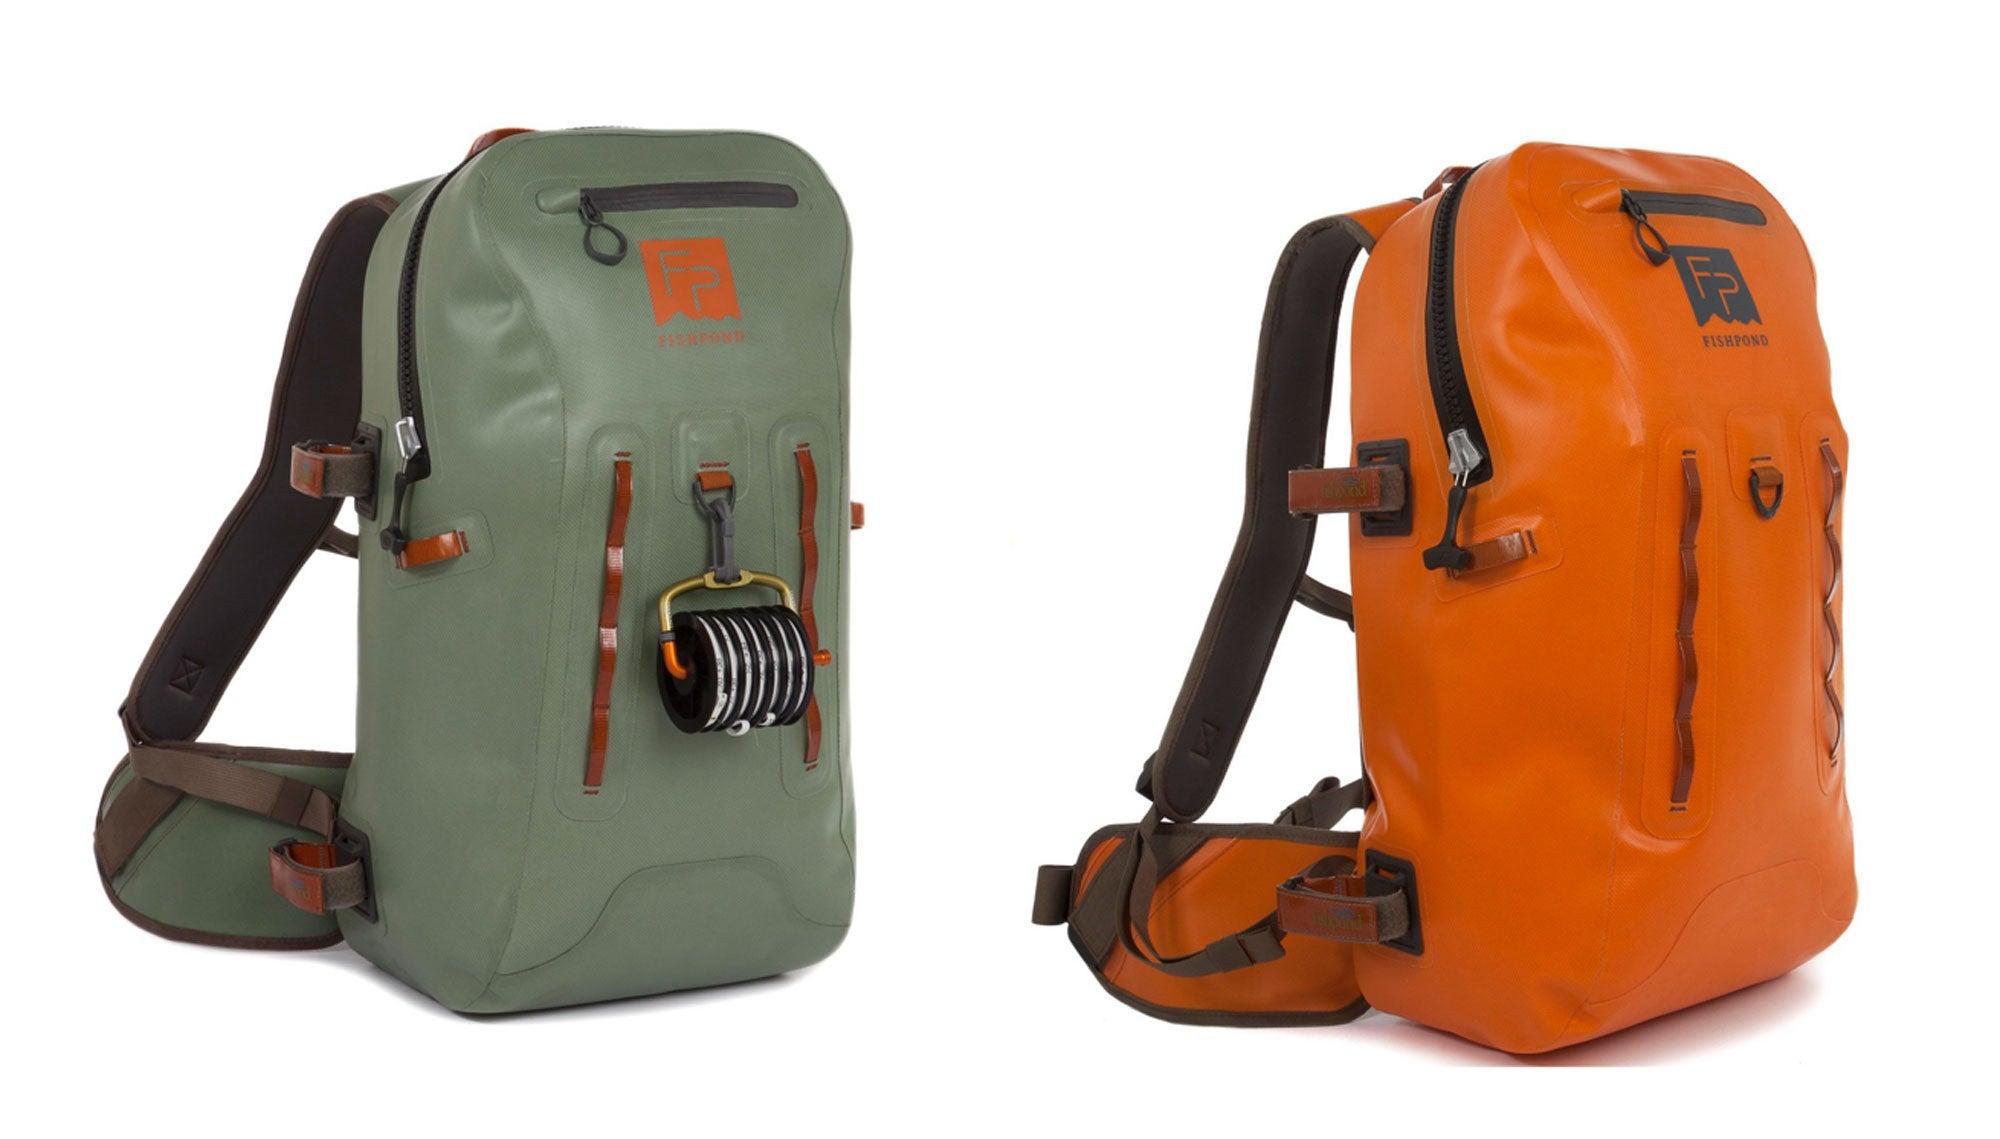 Fishpond waterproof backpack